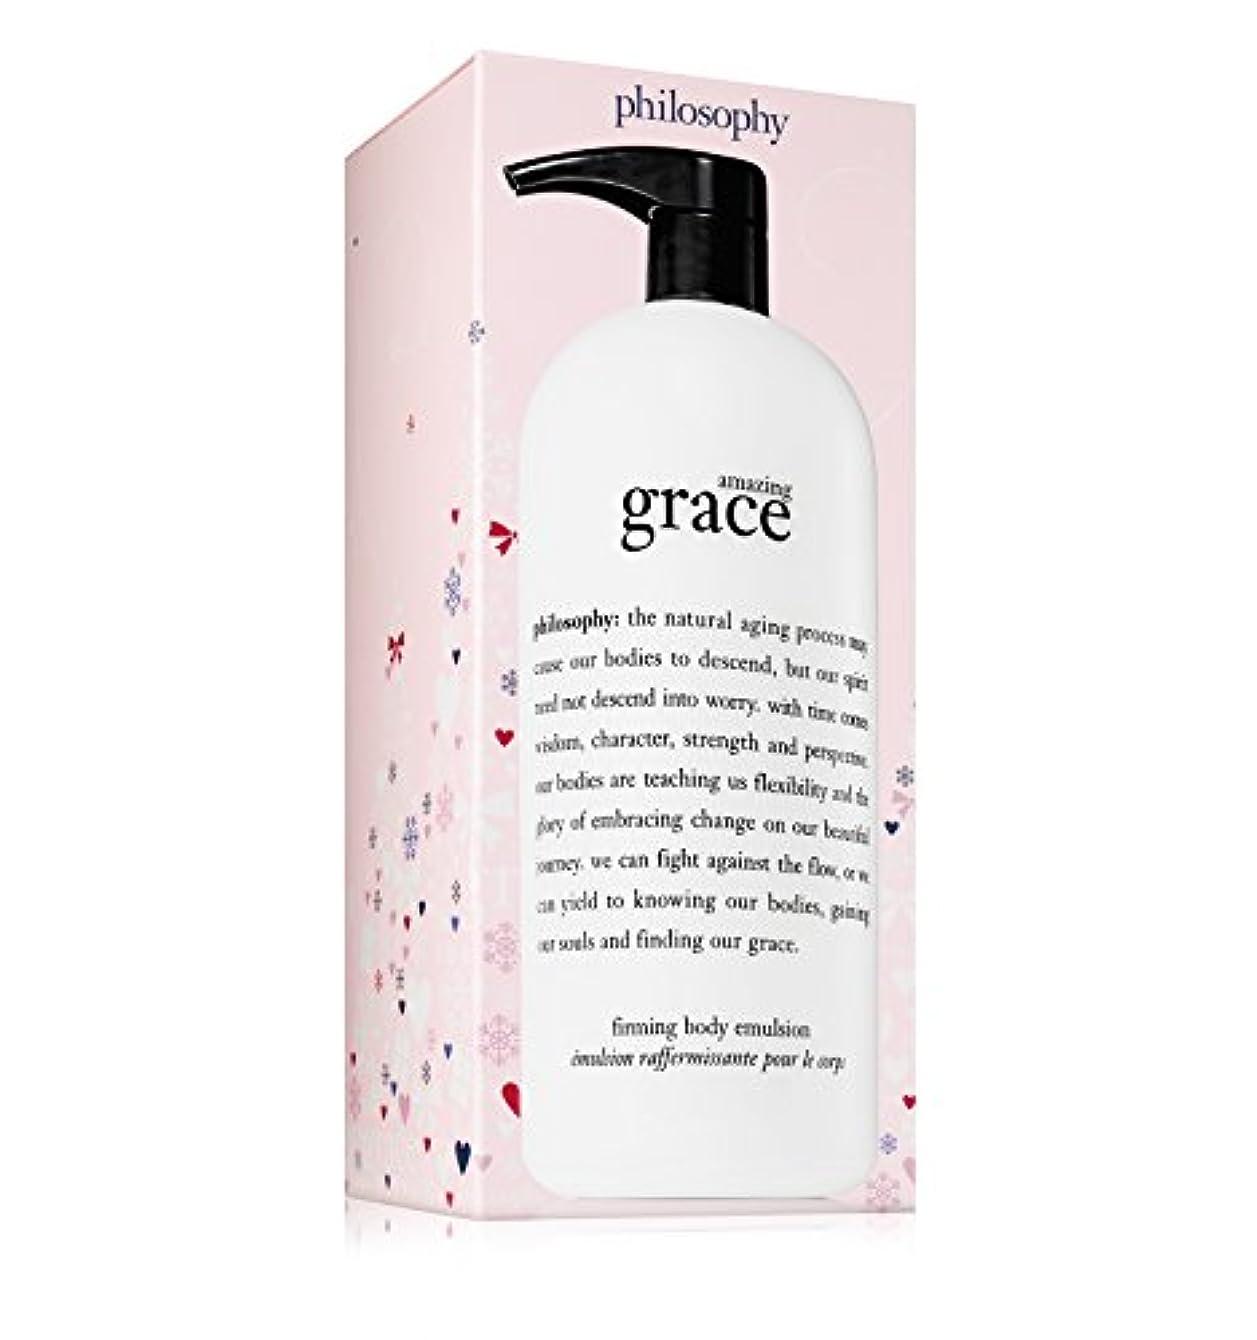 プラス凝縮する翻訳するPhilosophy - Amazing Grace Firming Body Emulsion Jumbo Limited Edition Holiday 2017